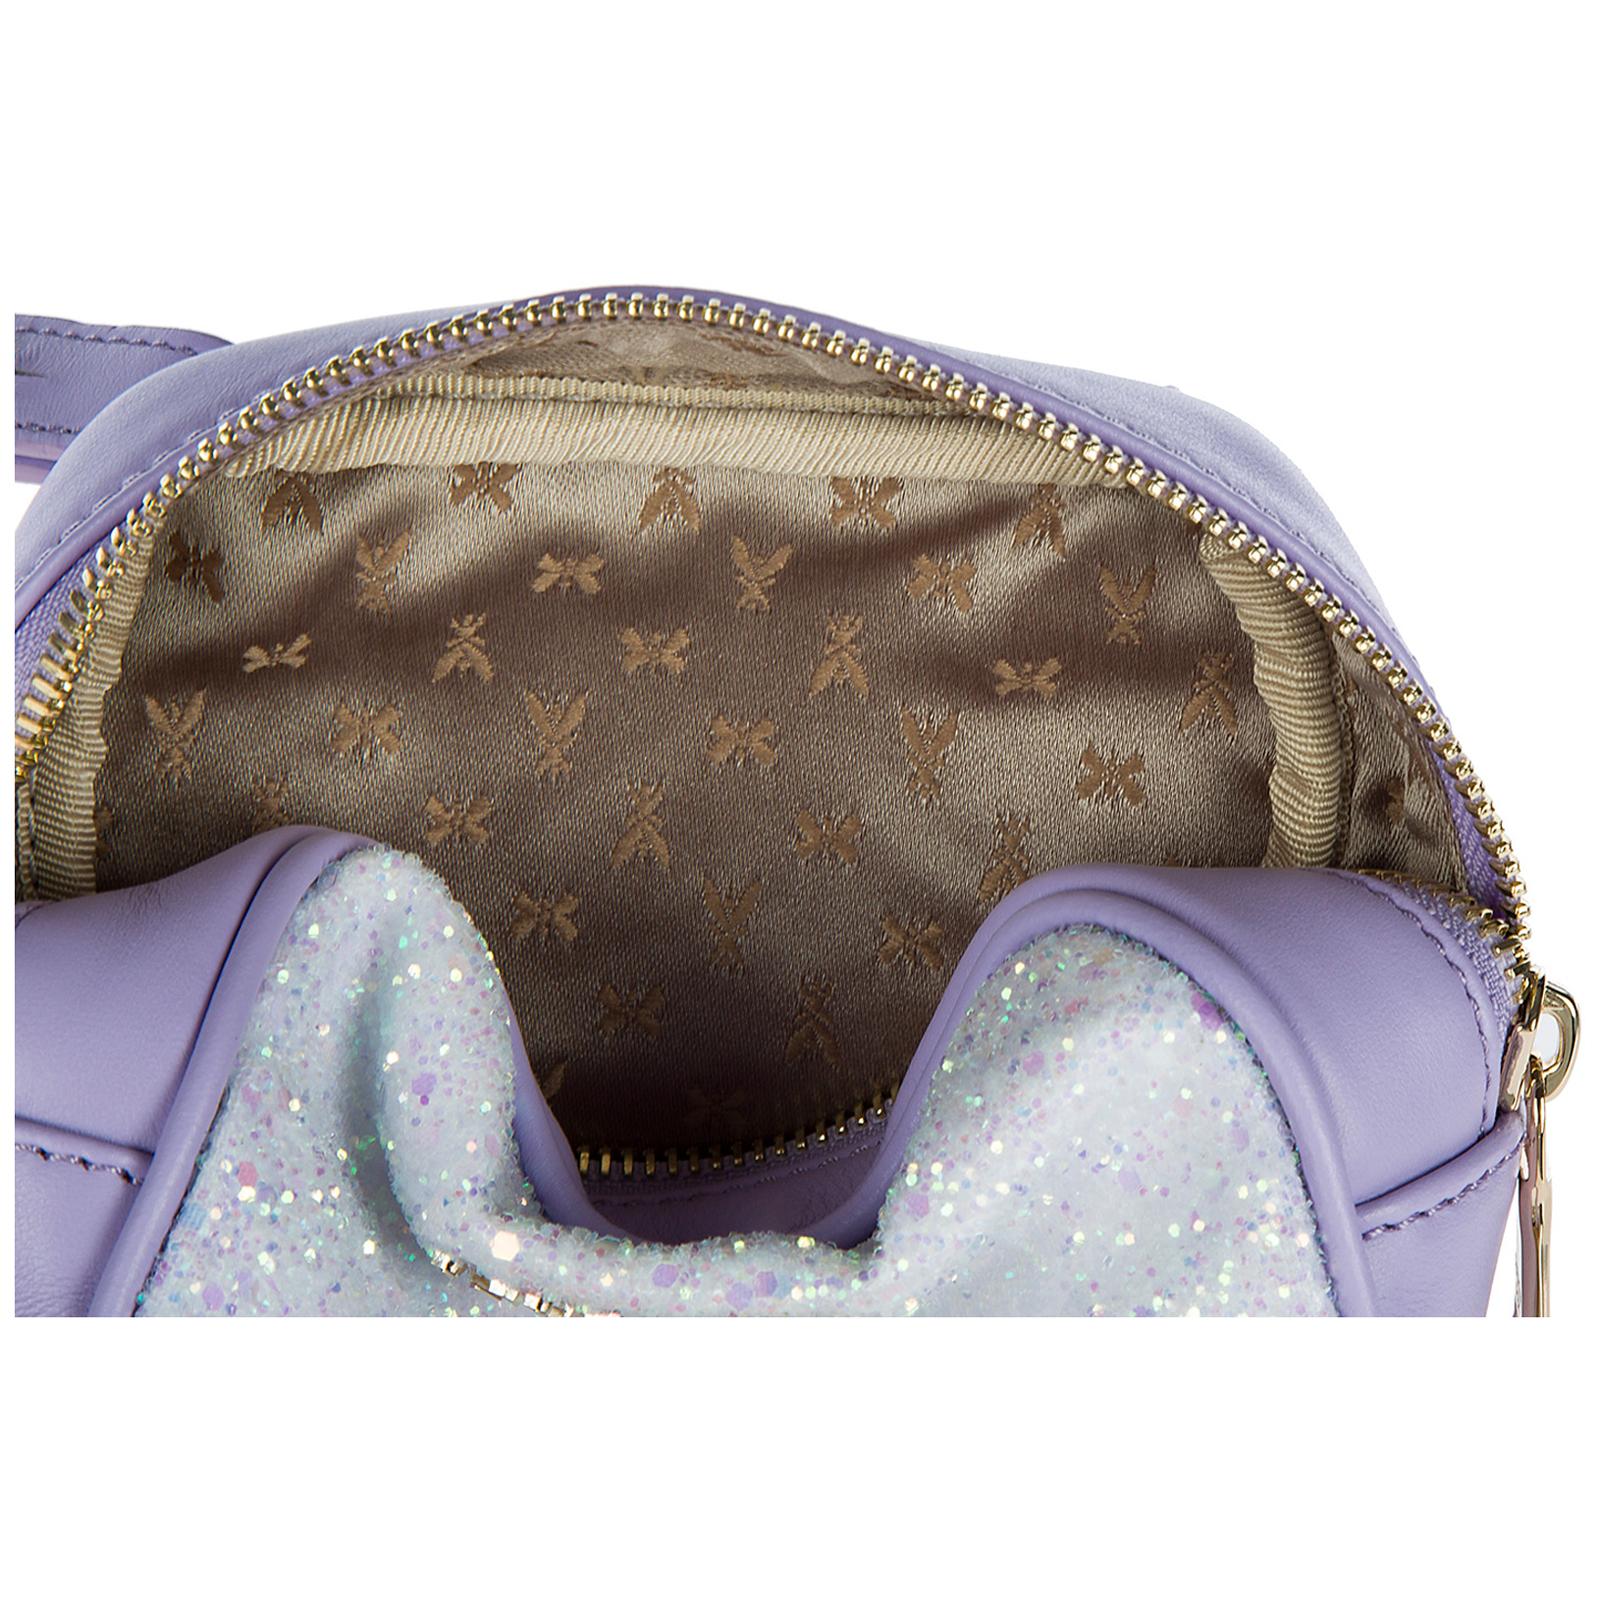 Pochette handtasche damen tasche clutch